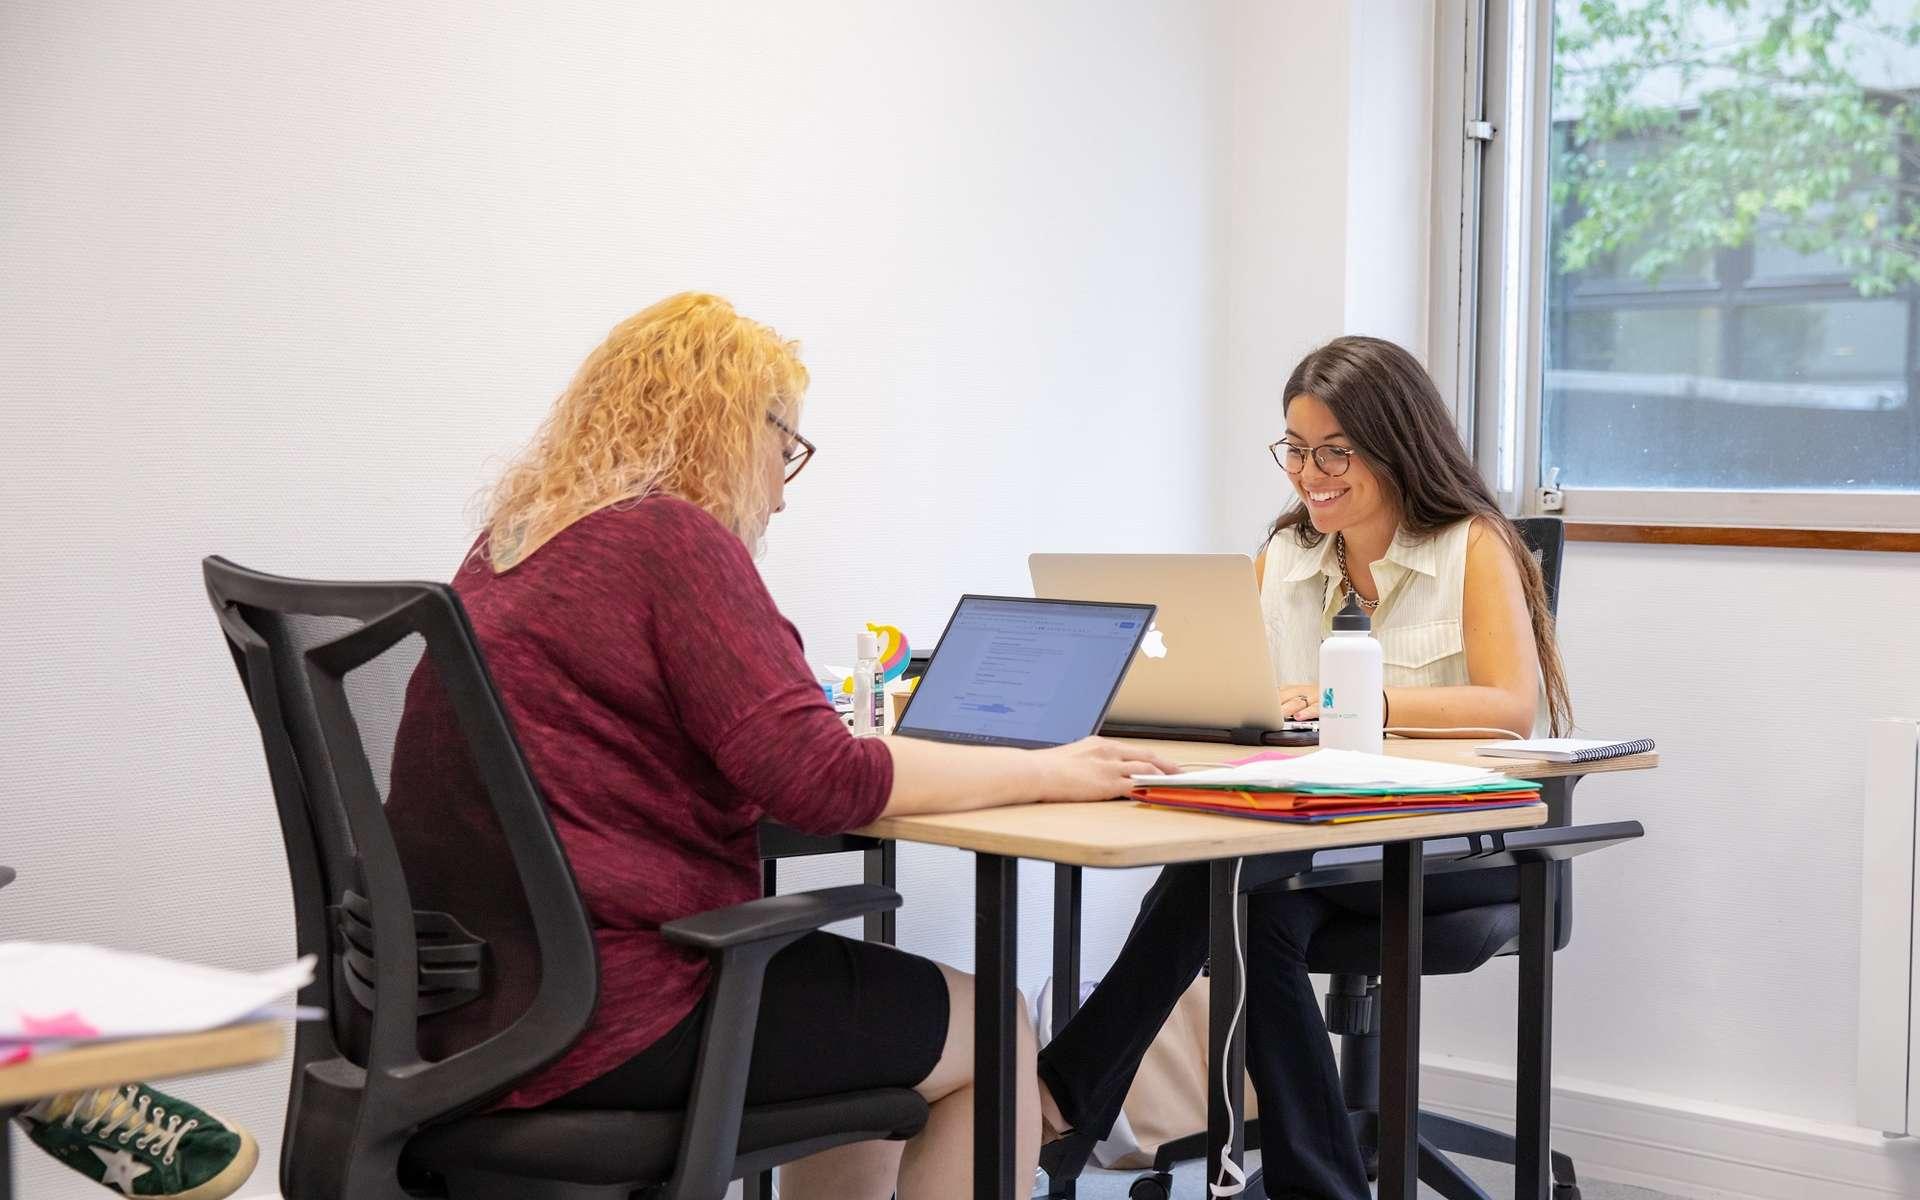 Le cursus Data Hôtesse de DataScientest a pour objectif de former les femmes aux métiers de la data et de les aider à retrouver un travail rapidement. © DataScientest.